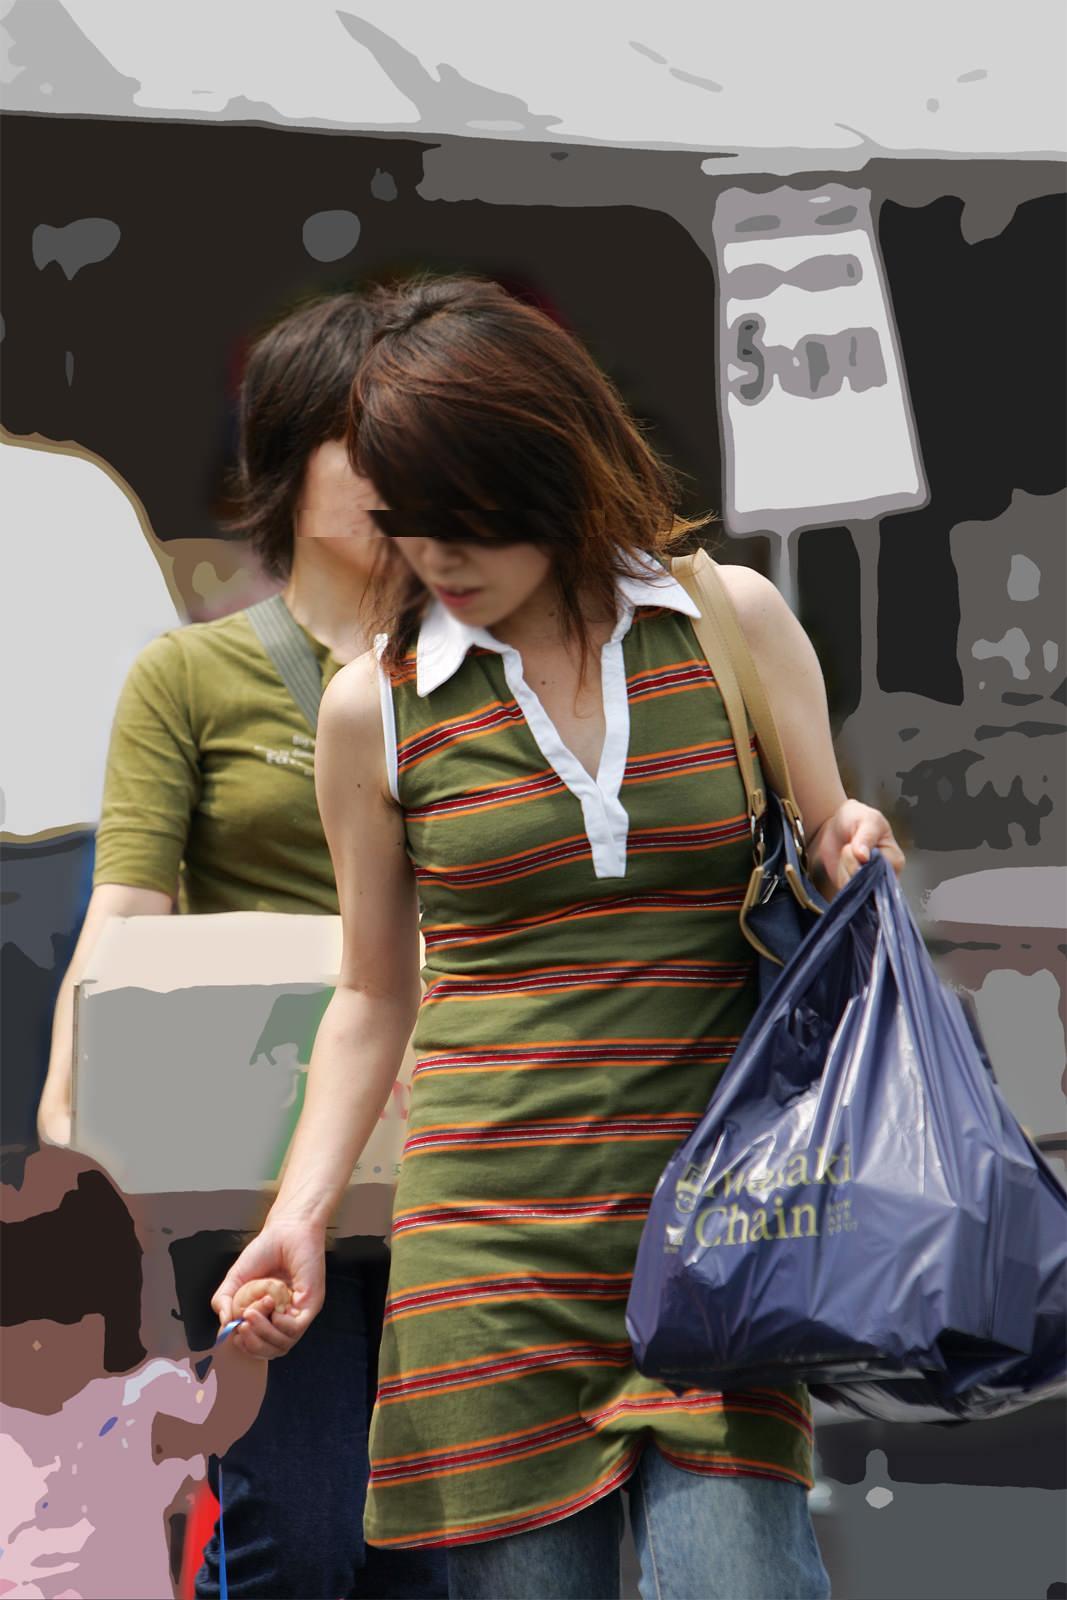 でかすぎる着衣おっぱいを発見!!!メロンみたいなデカパイ街撮りwwwww 2605